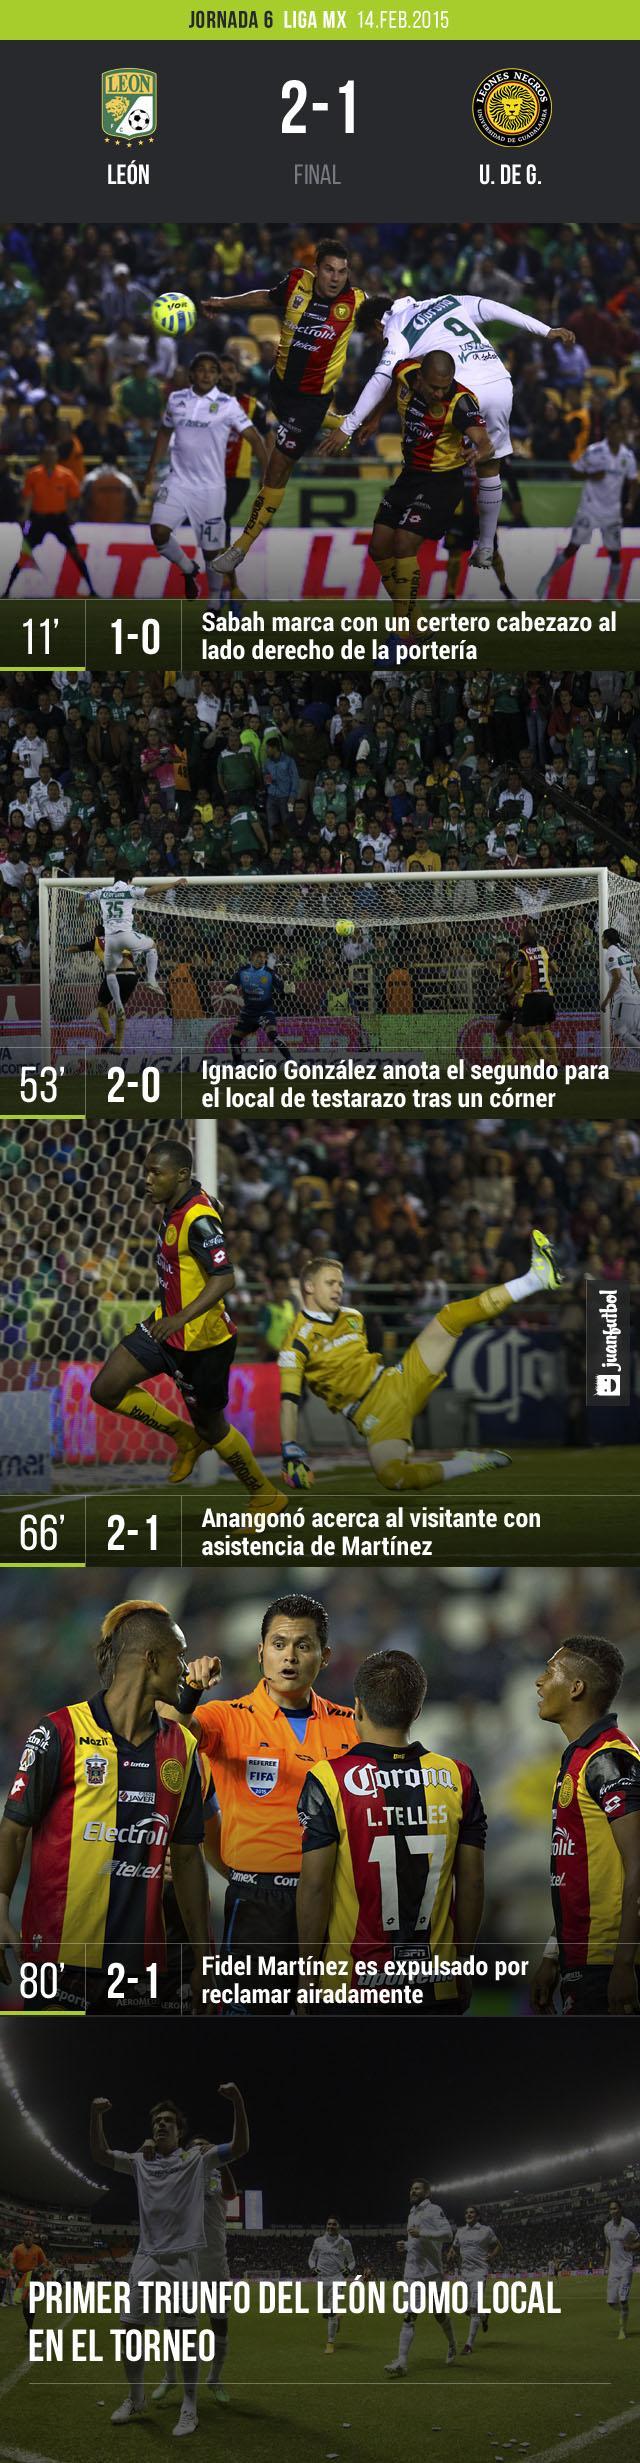 León dio cuenta de U. de G. y logró su primer triunfo como local en el torneo Clausura 2015